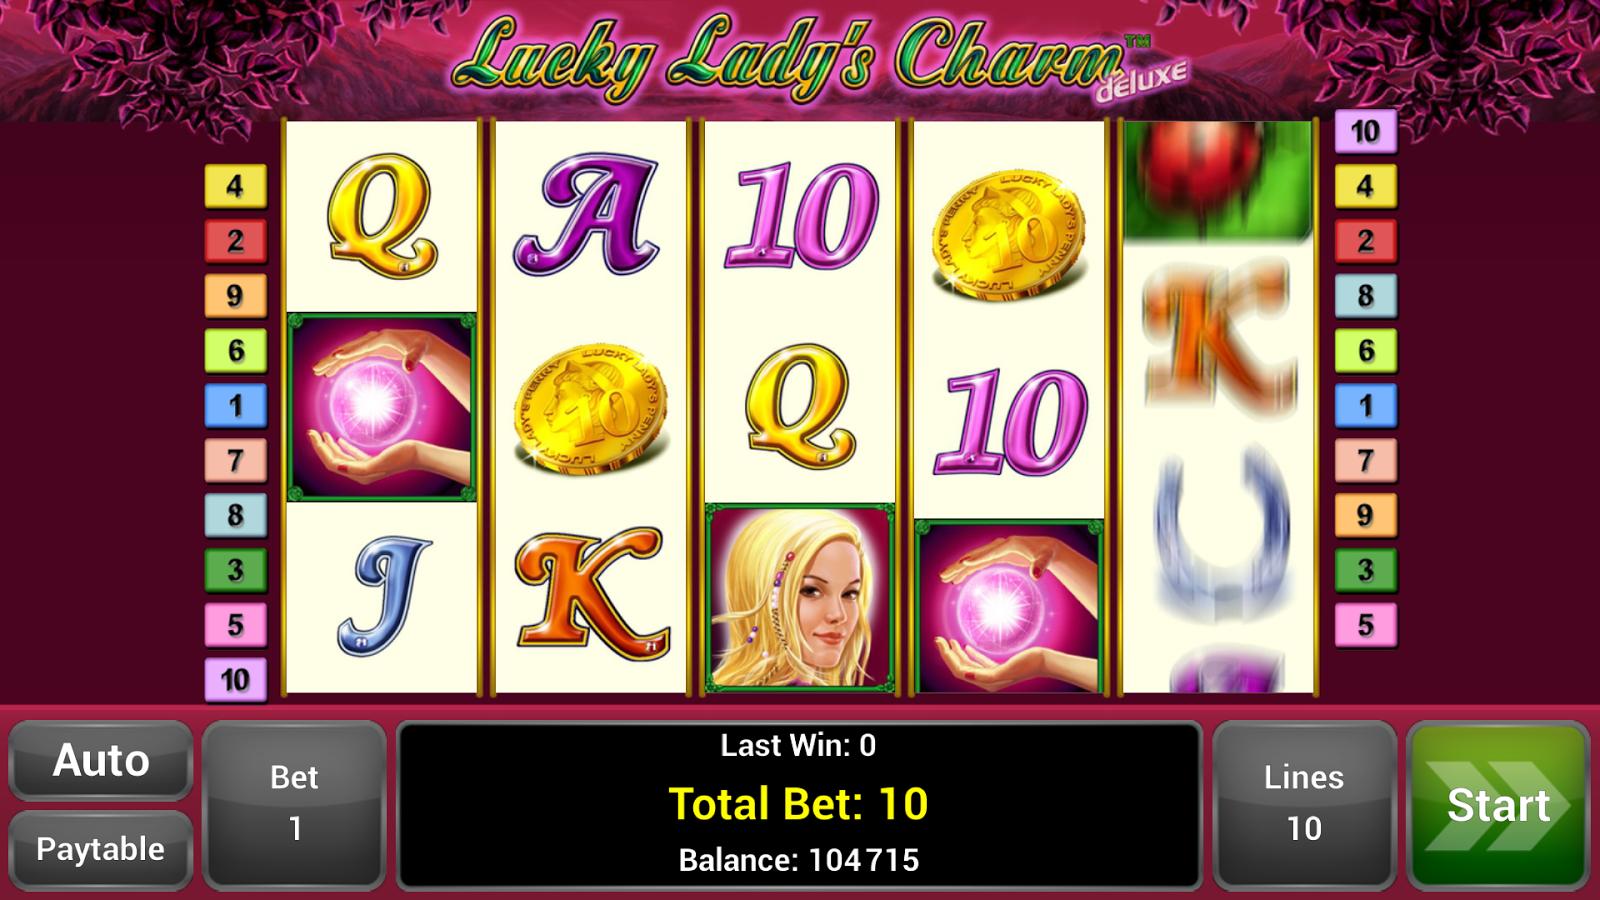 lucky lady charme app